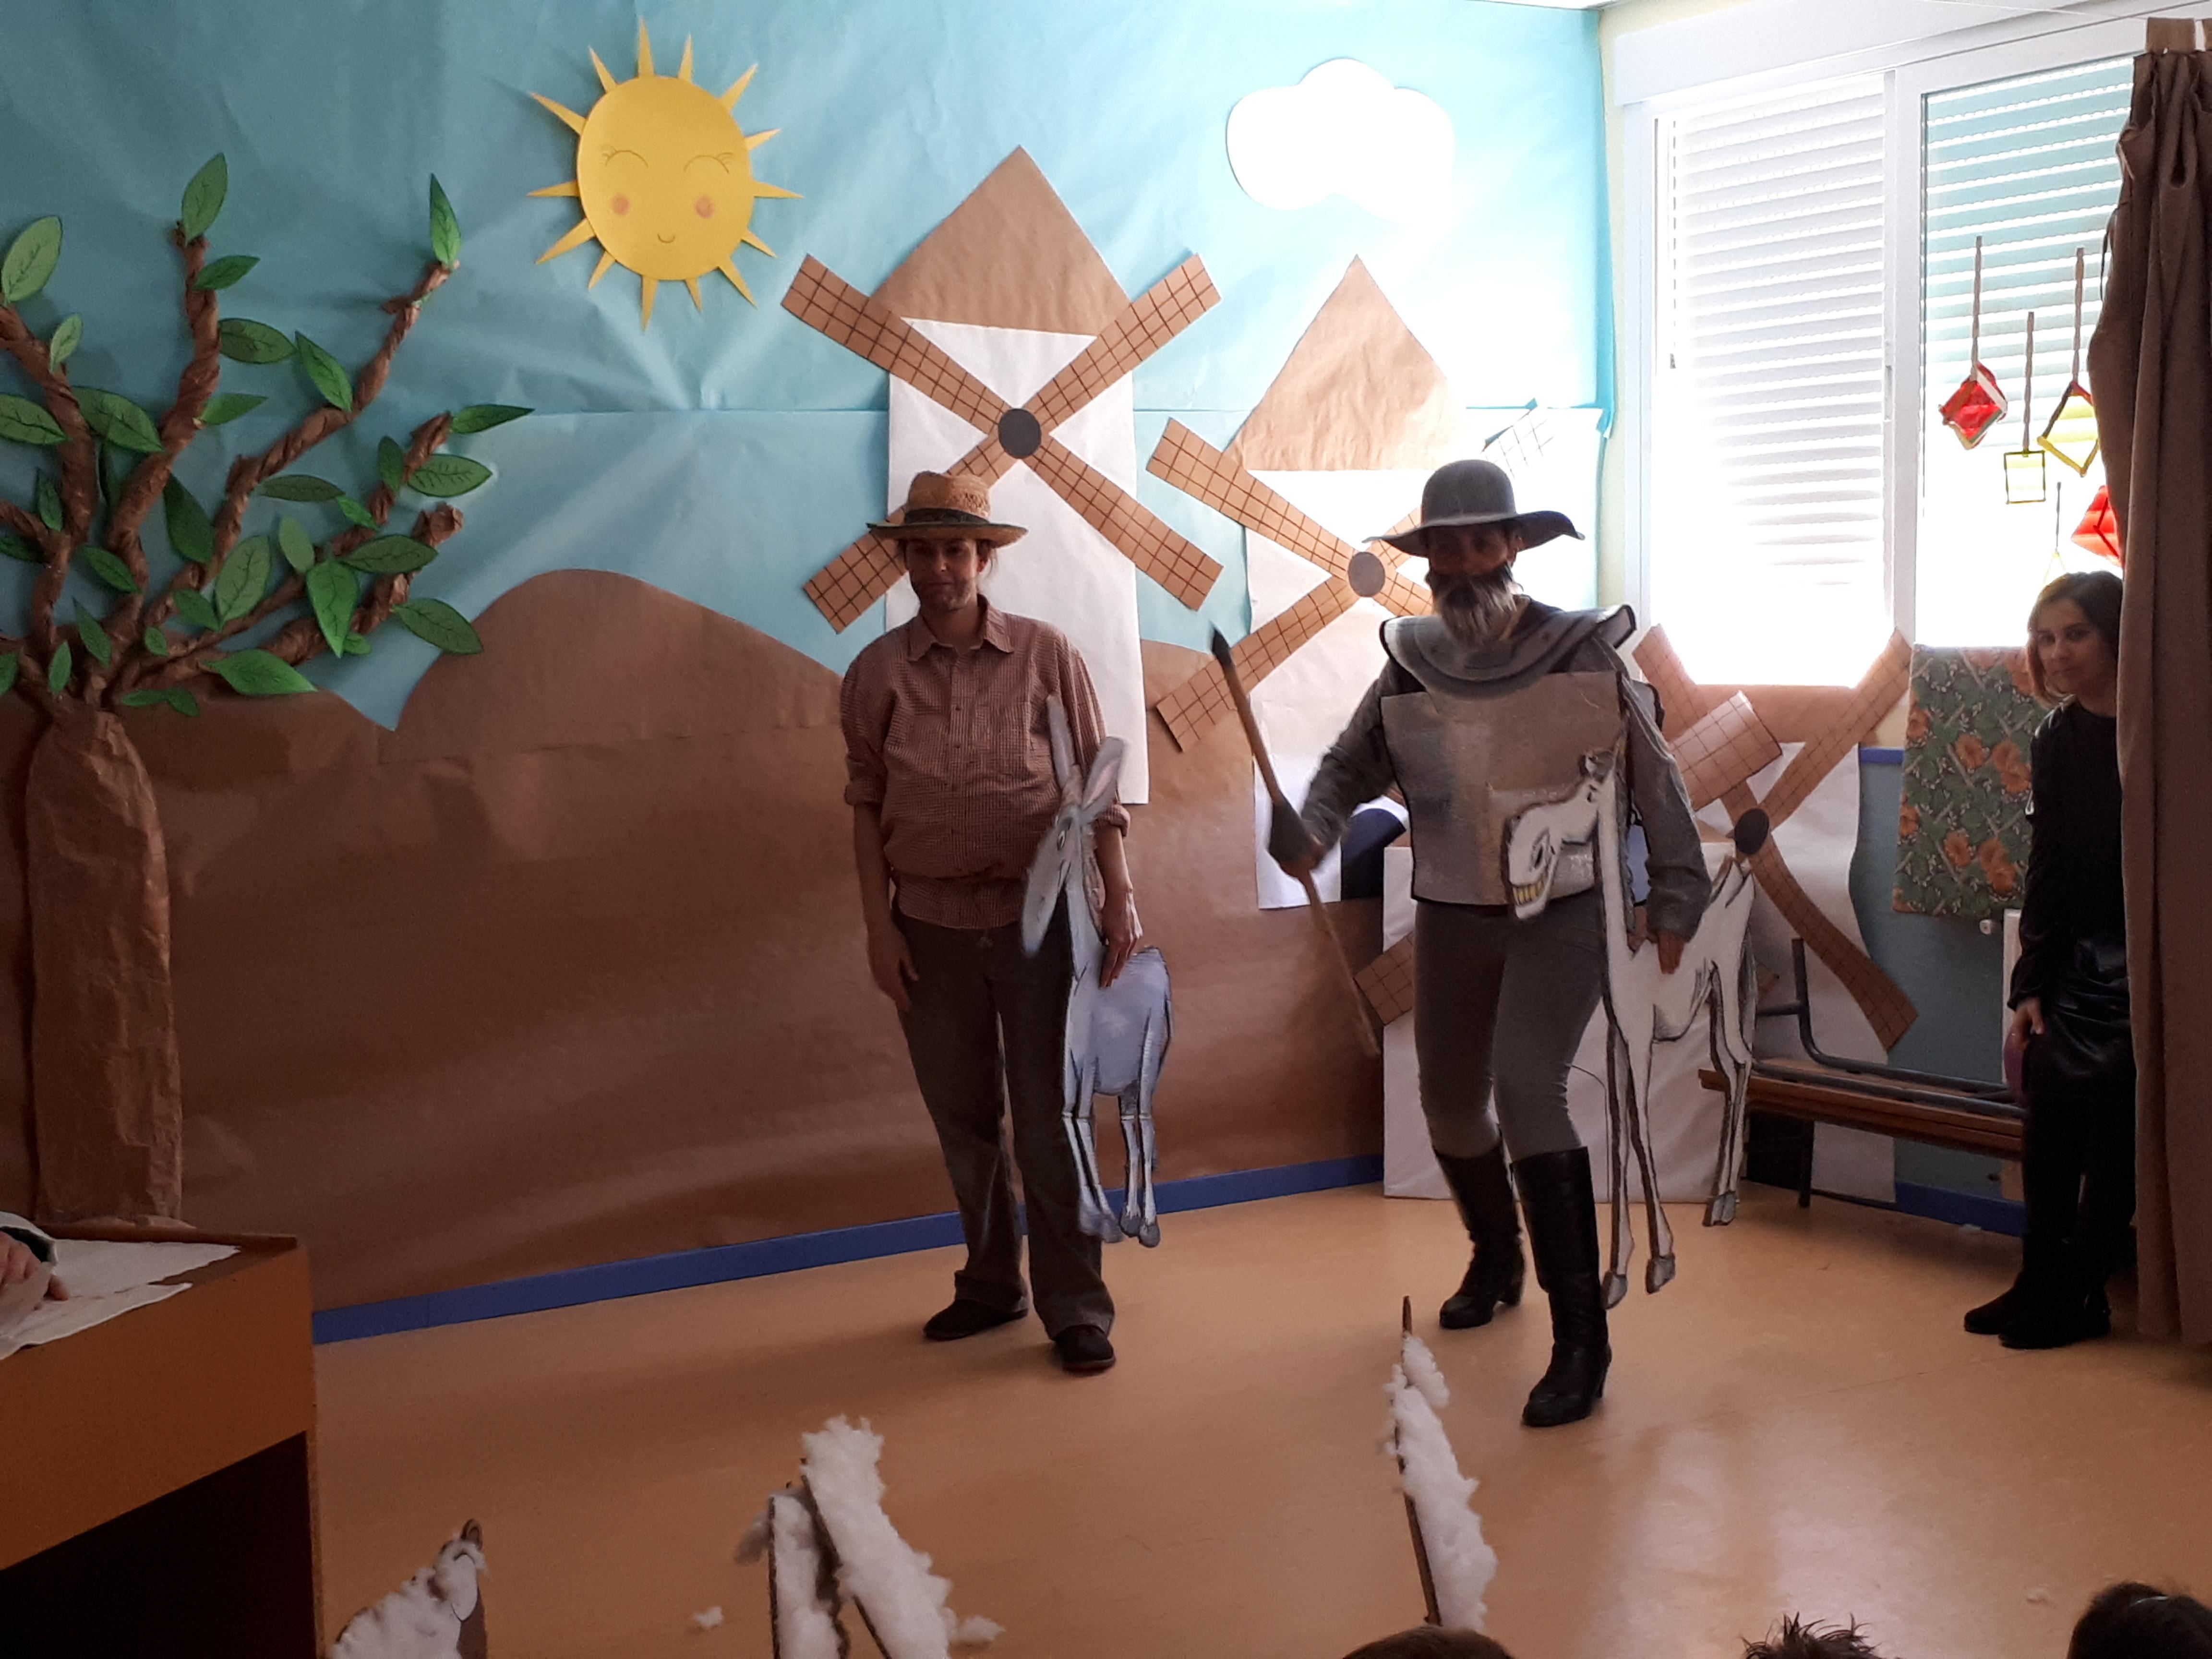 Teatro Don Quijote 16